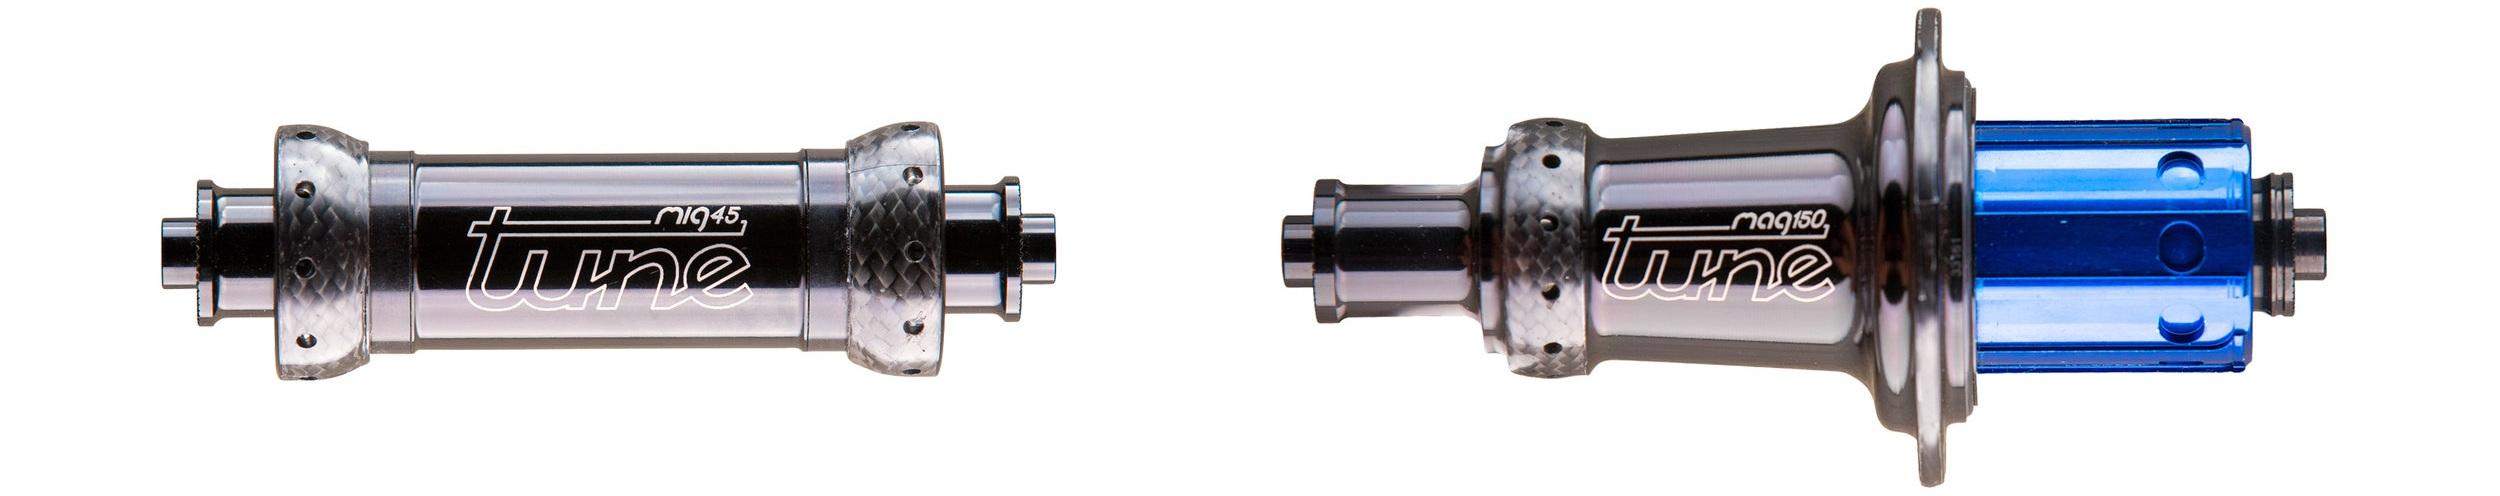 Moyeux TUNE MIG 45 et MAG 150